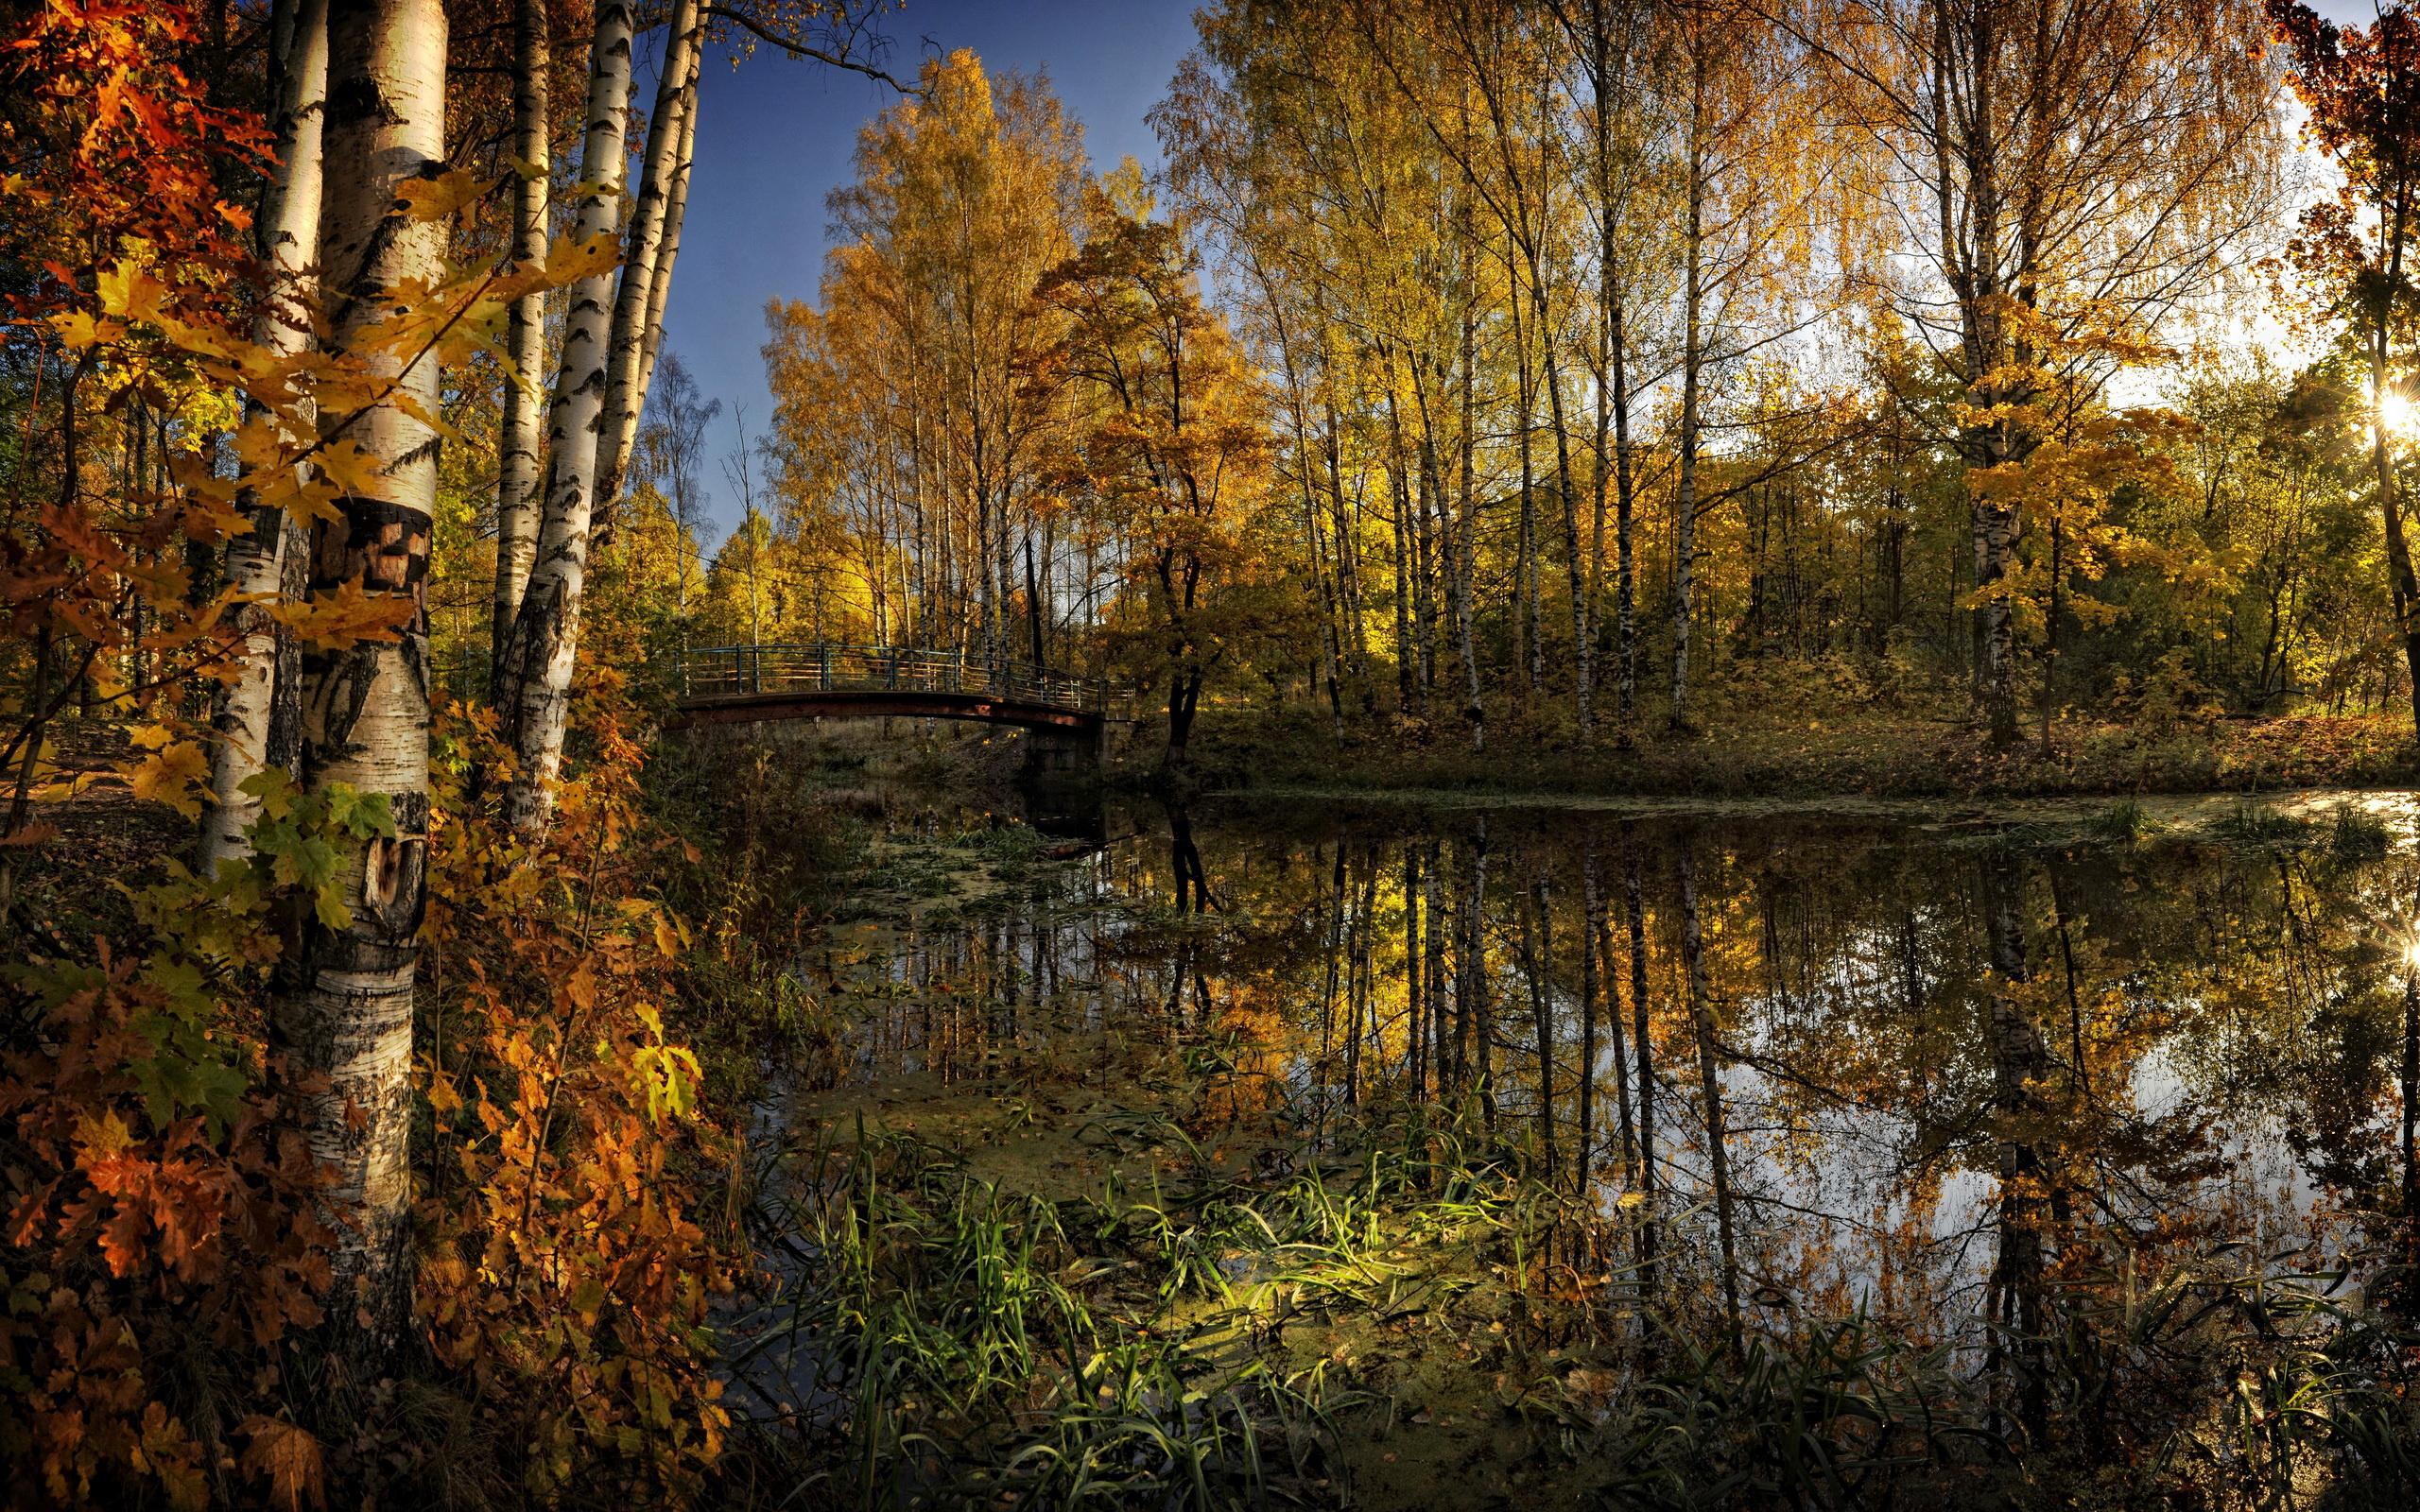 река осень деревья  № 3186328 бесплатно